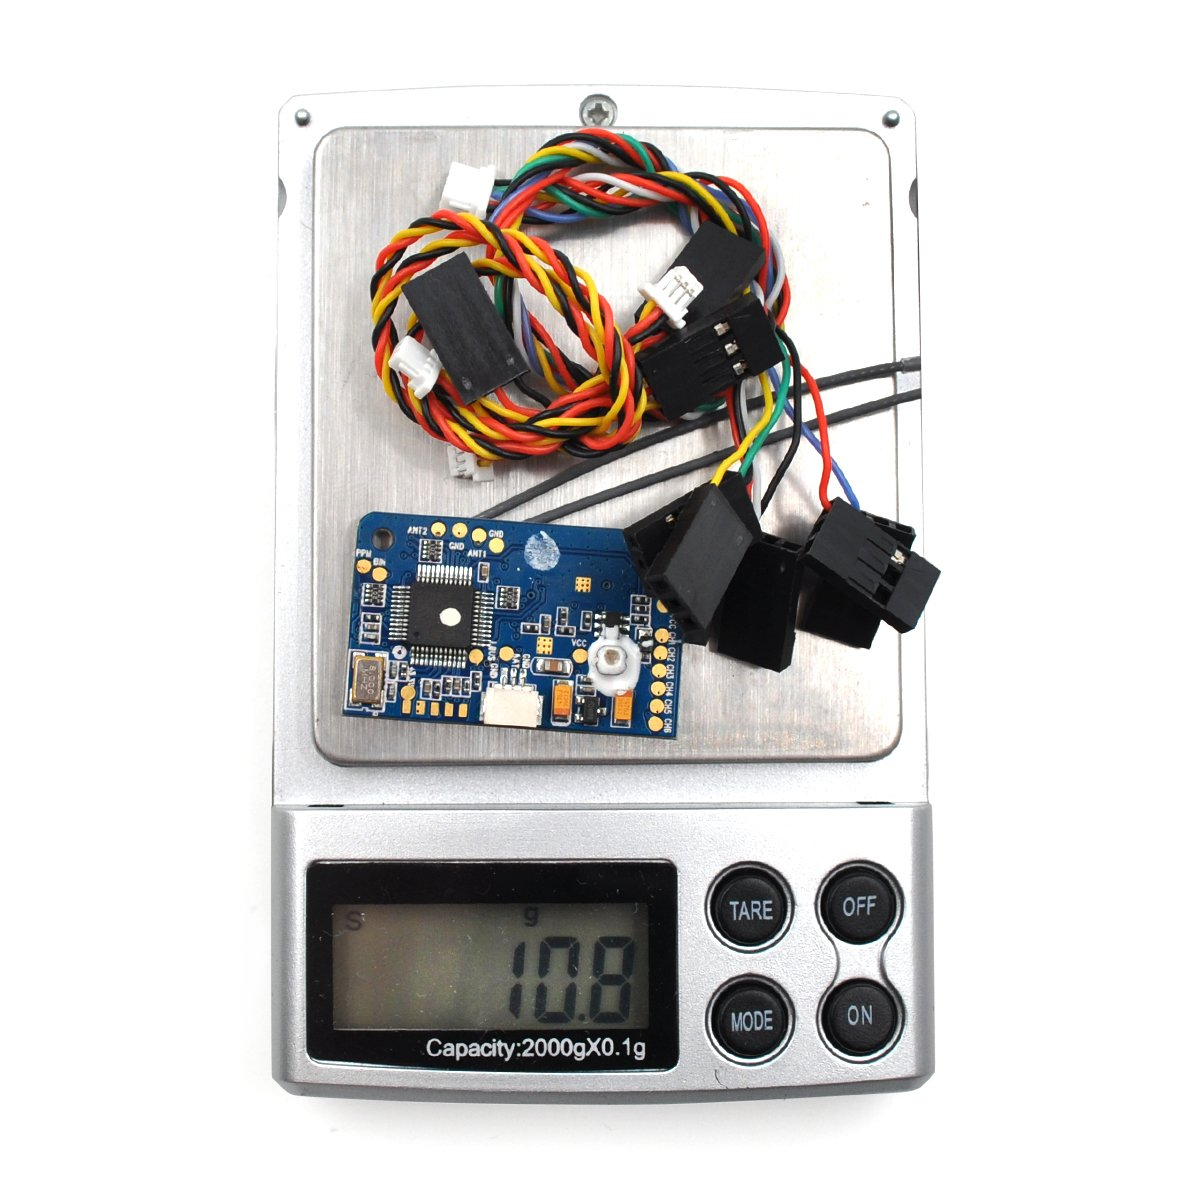 FS X6B Receiver for Flysky AFHDS 2A System Transmitter